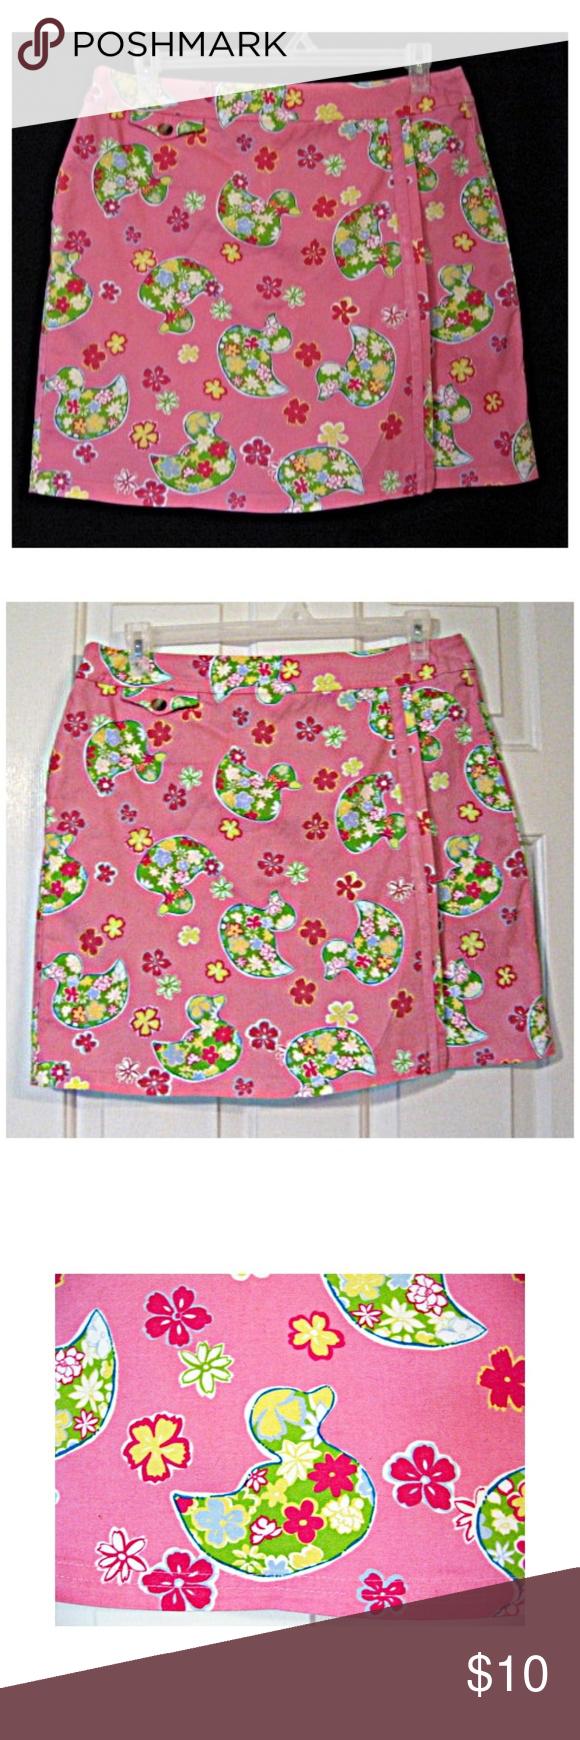 Boho Pink Duck Print Stretch Twill Golf Skort 14 Adorable preppy pink golf skort from DUCK HEAD. 97% cotton, 3% spandex Size 14 Waist: 36